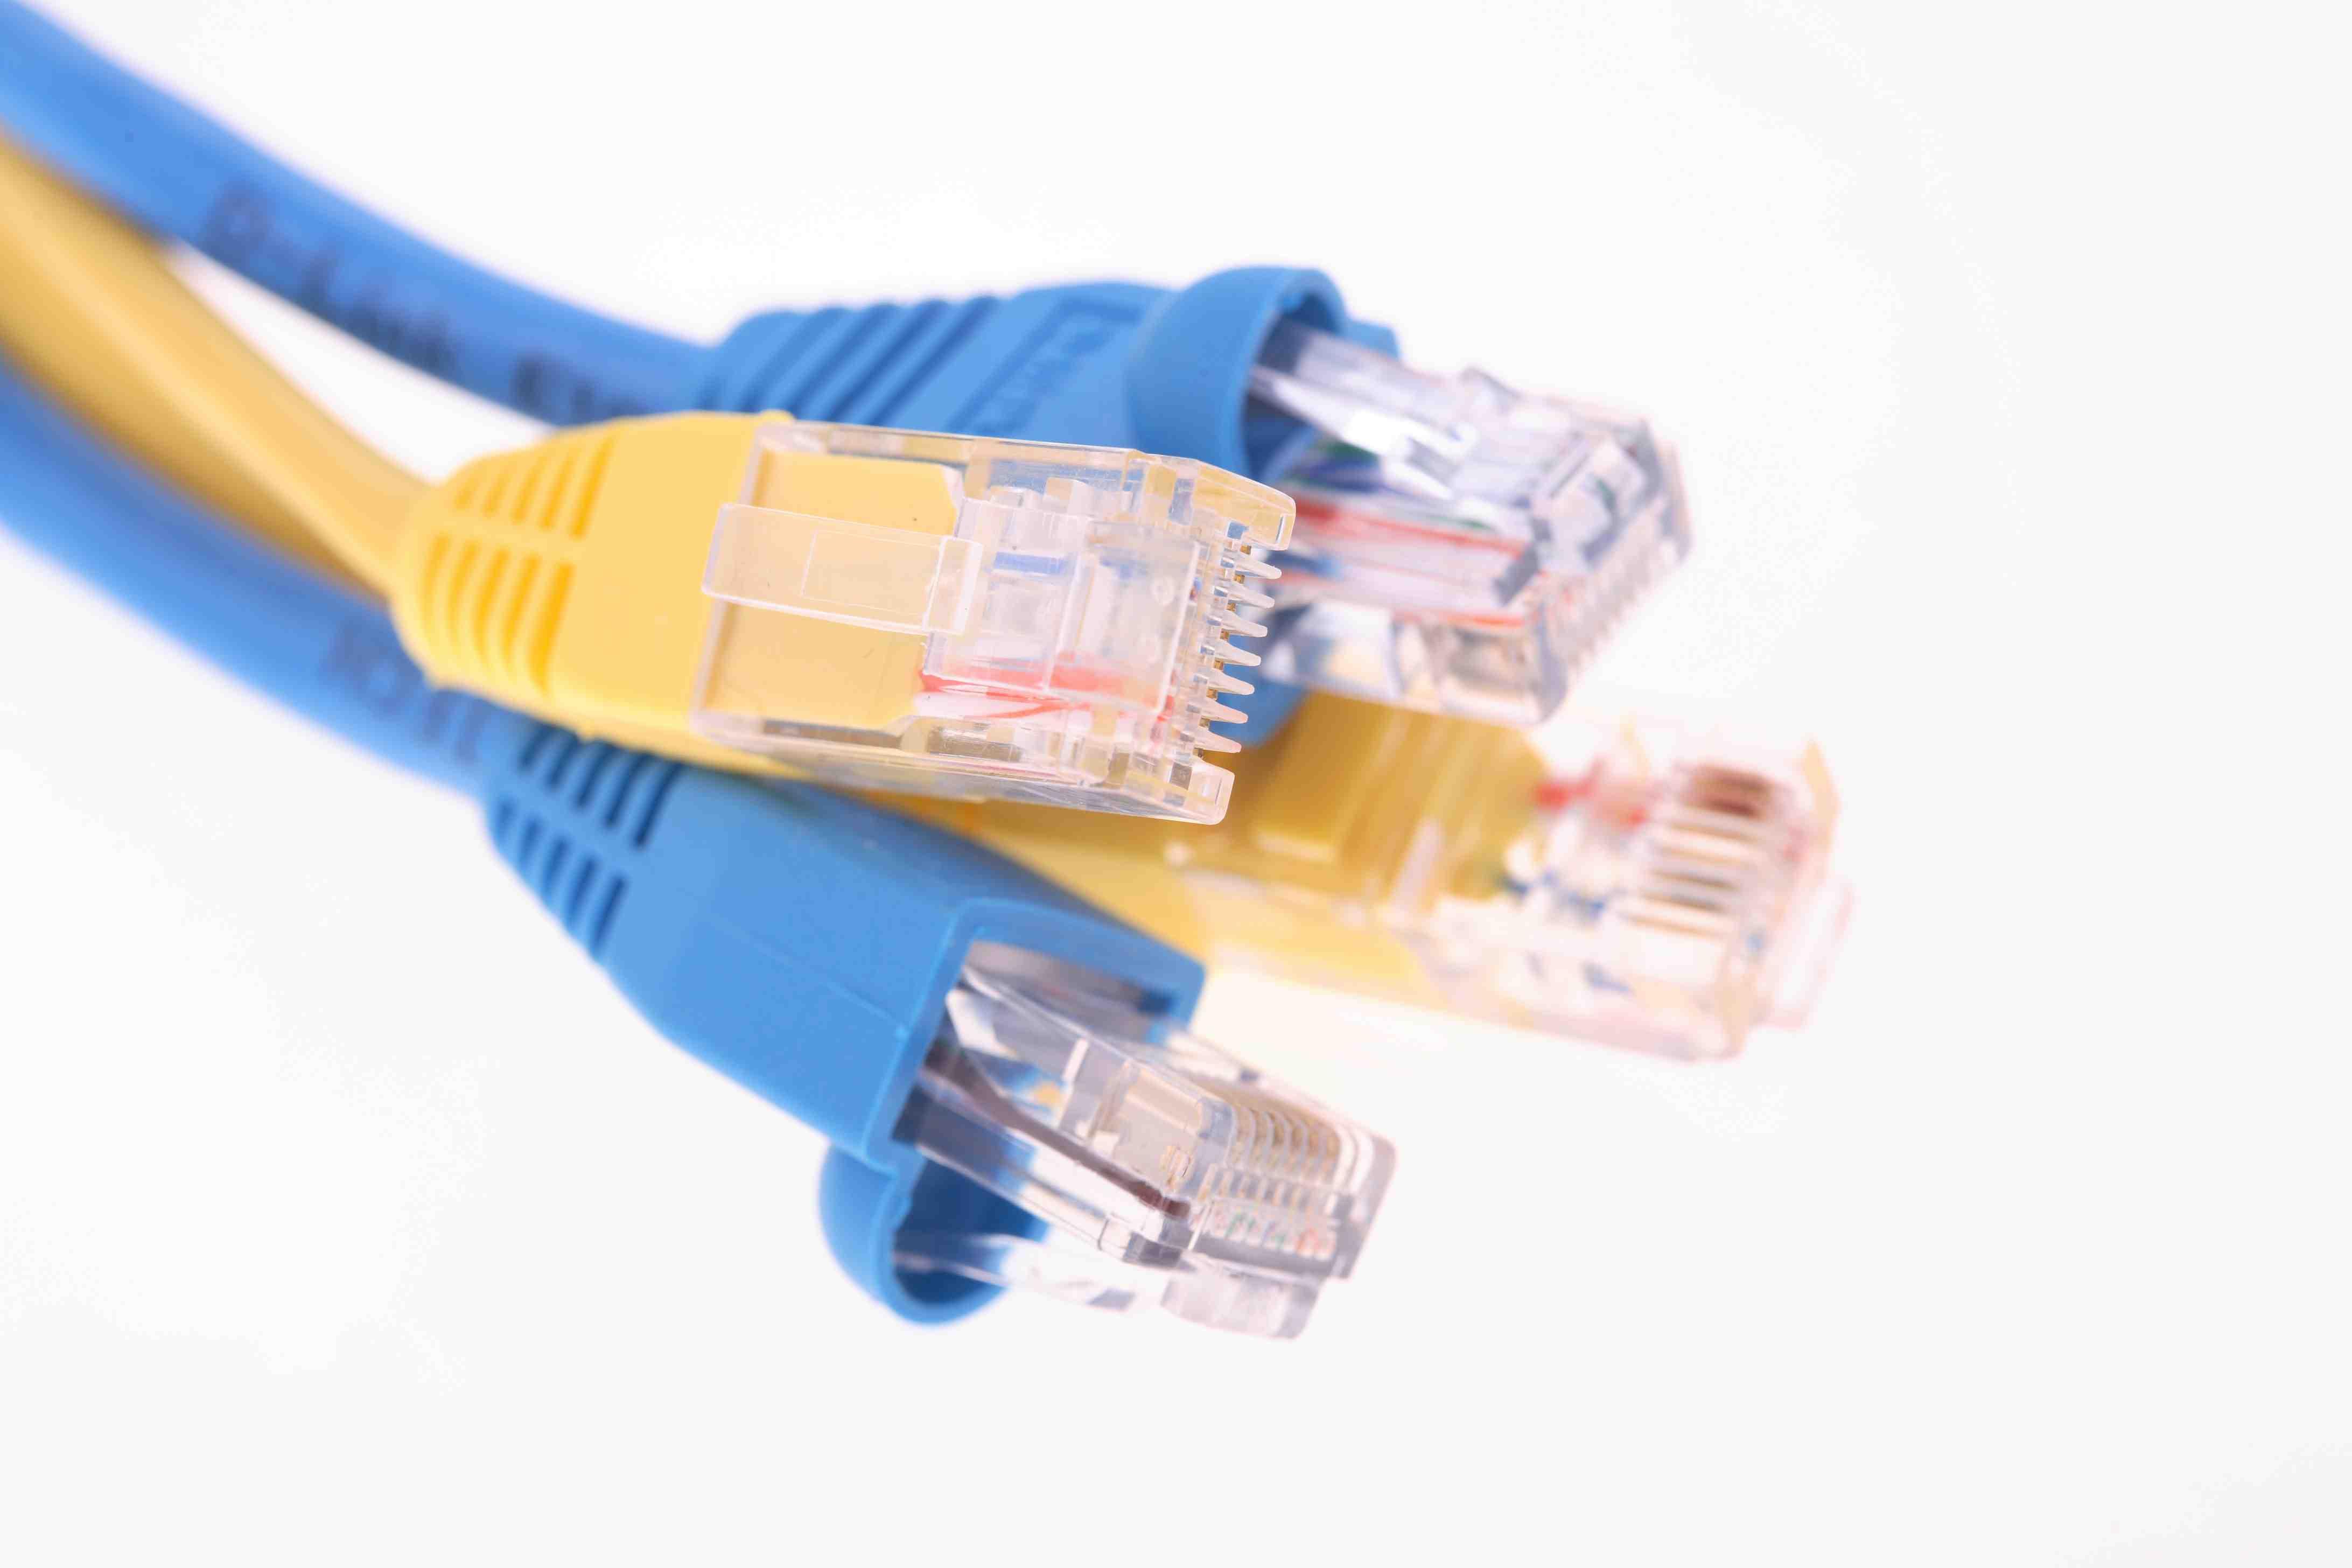 conexiones